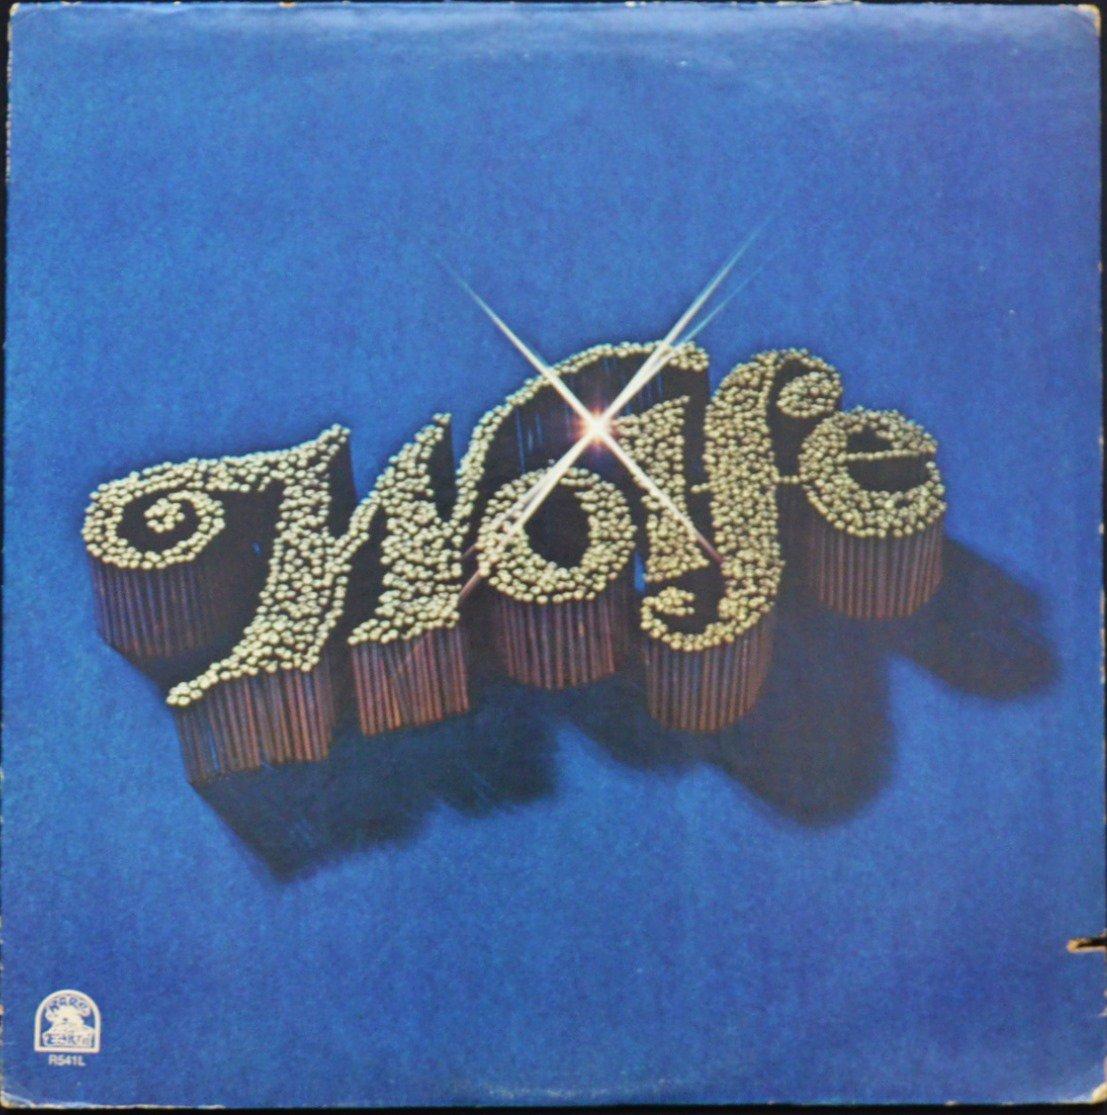 WOLFE / WOLFE (LP)